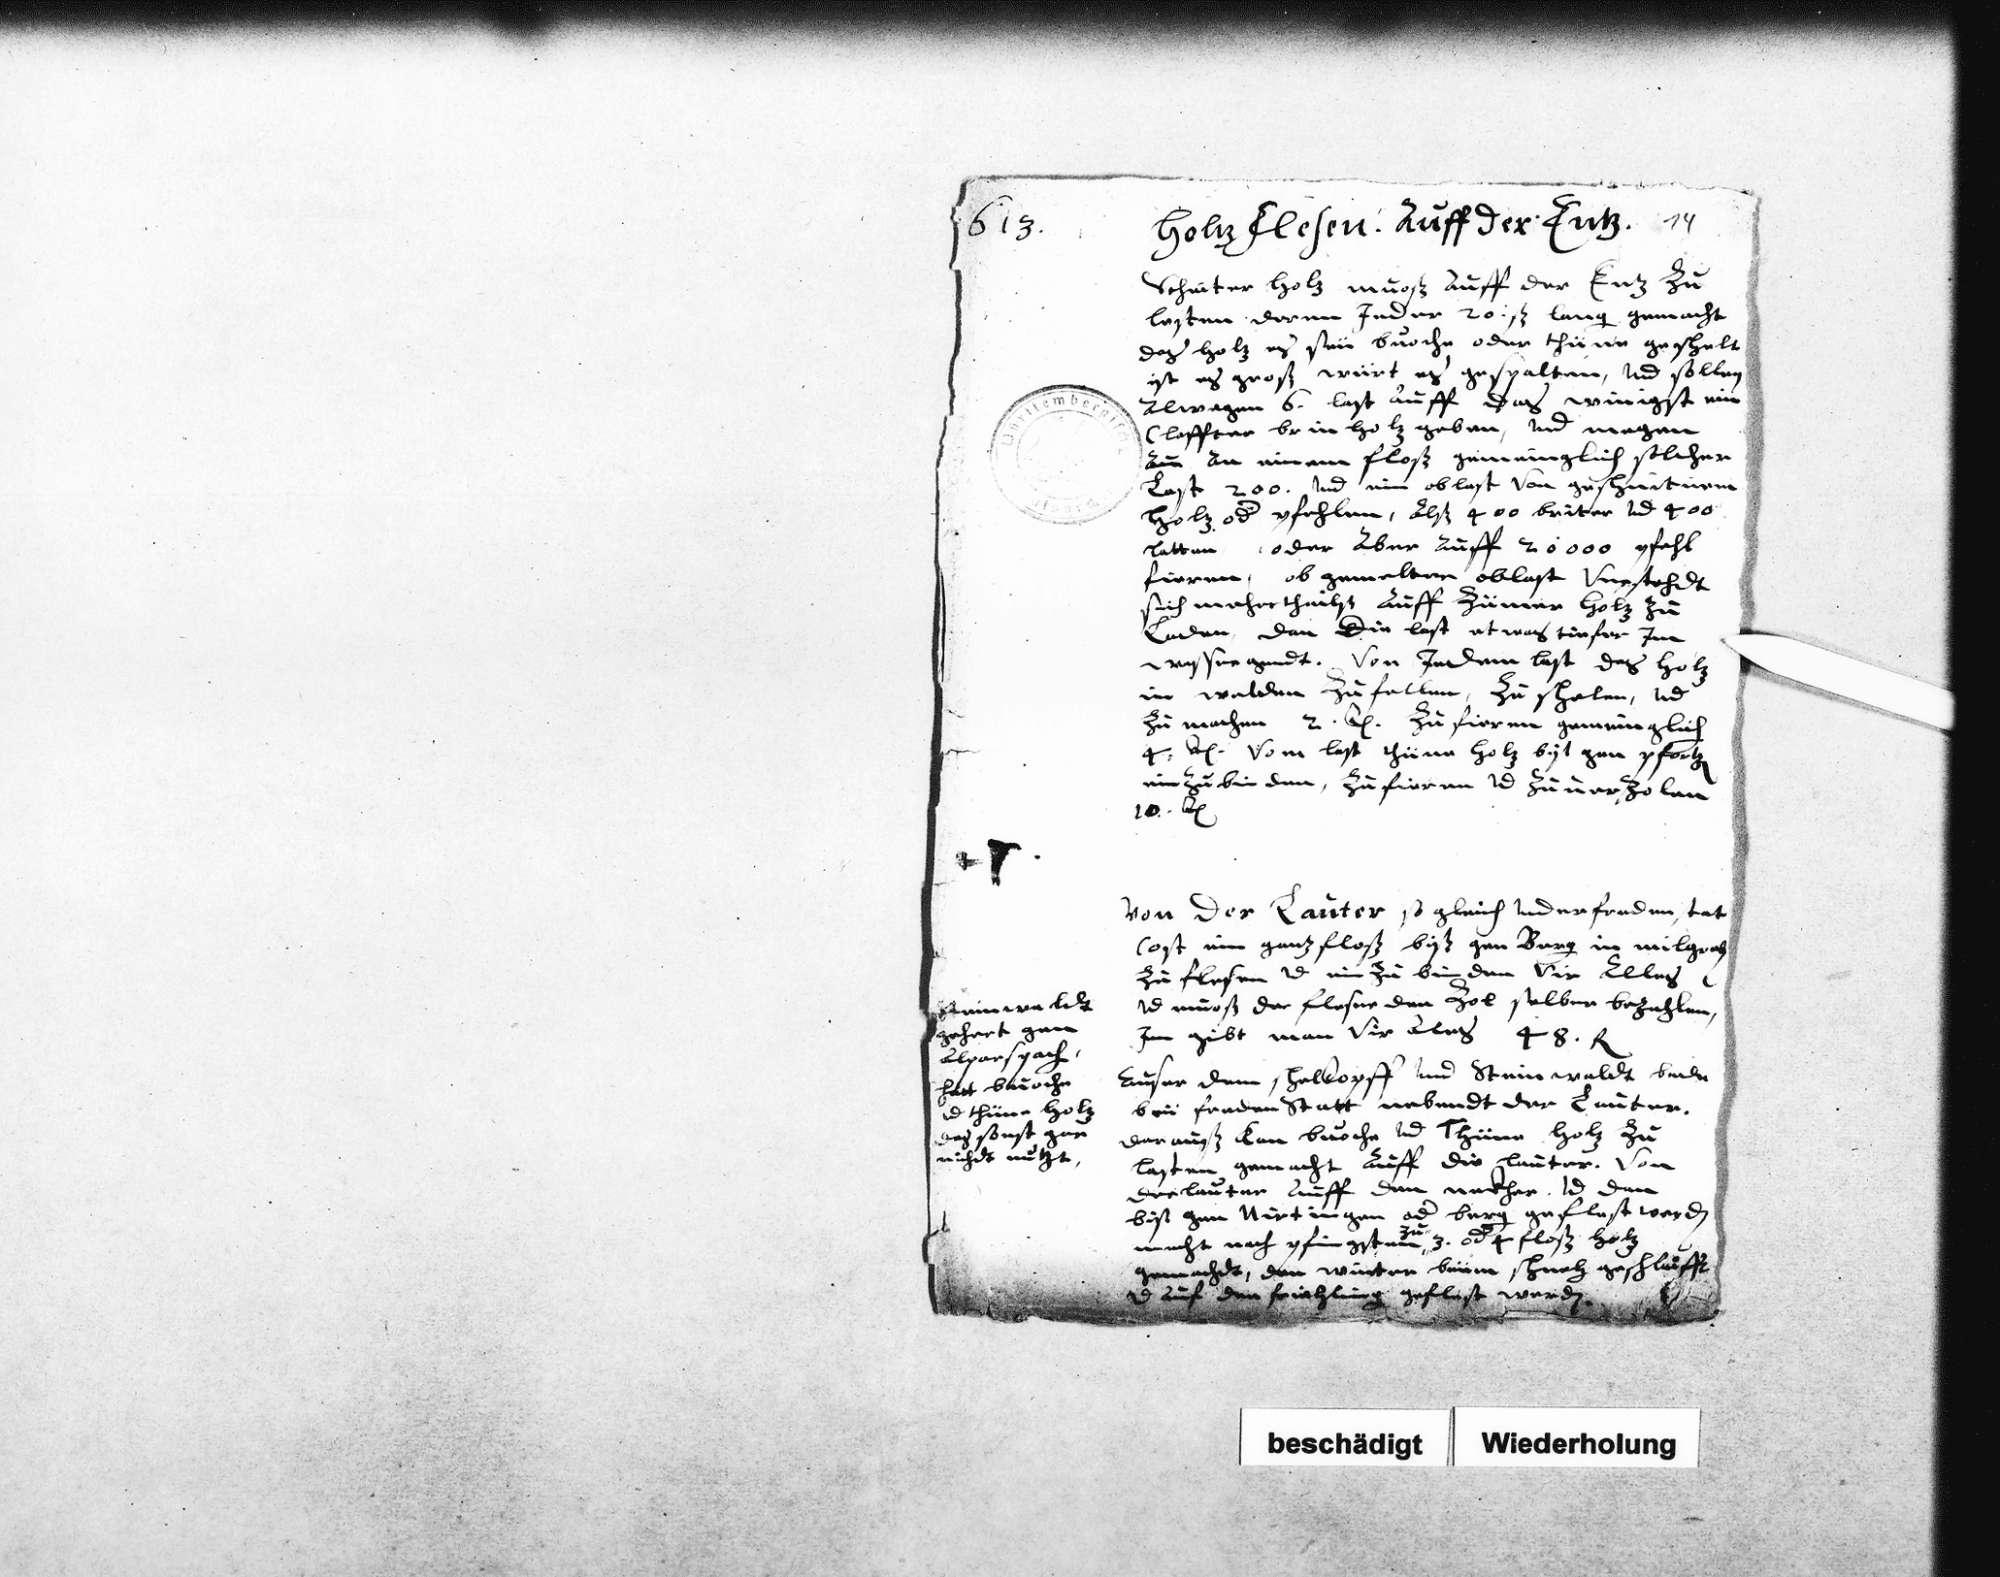 Notizen Schickhardts über das Flößen von Holz auf der Enz, Holz aus Schöllkopf und dem Steinwald zu flößen auf der Lauter unter Freudenstadt bis zum Neckar bei Nürtingen; Flößen auf der kleinen Enz, bei Enzklösterle und bei Enzweihingen; mit Bemerkungen über die Vorteile des Flößens gegenüber den Fuhren (2 Folio, 3 Quart, 2 Oktav, teilweise zusammengeklebt), Bild 1